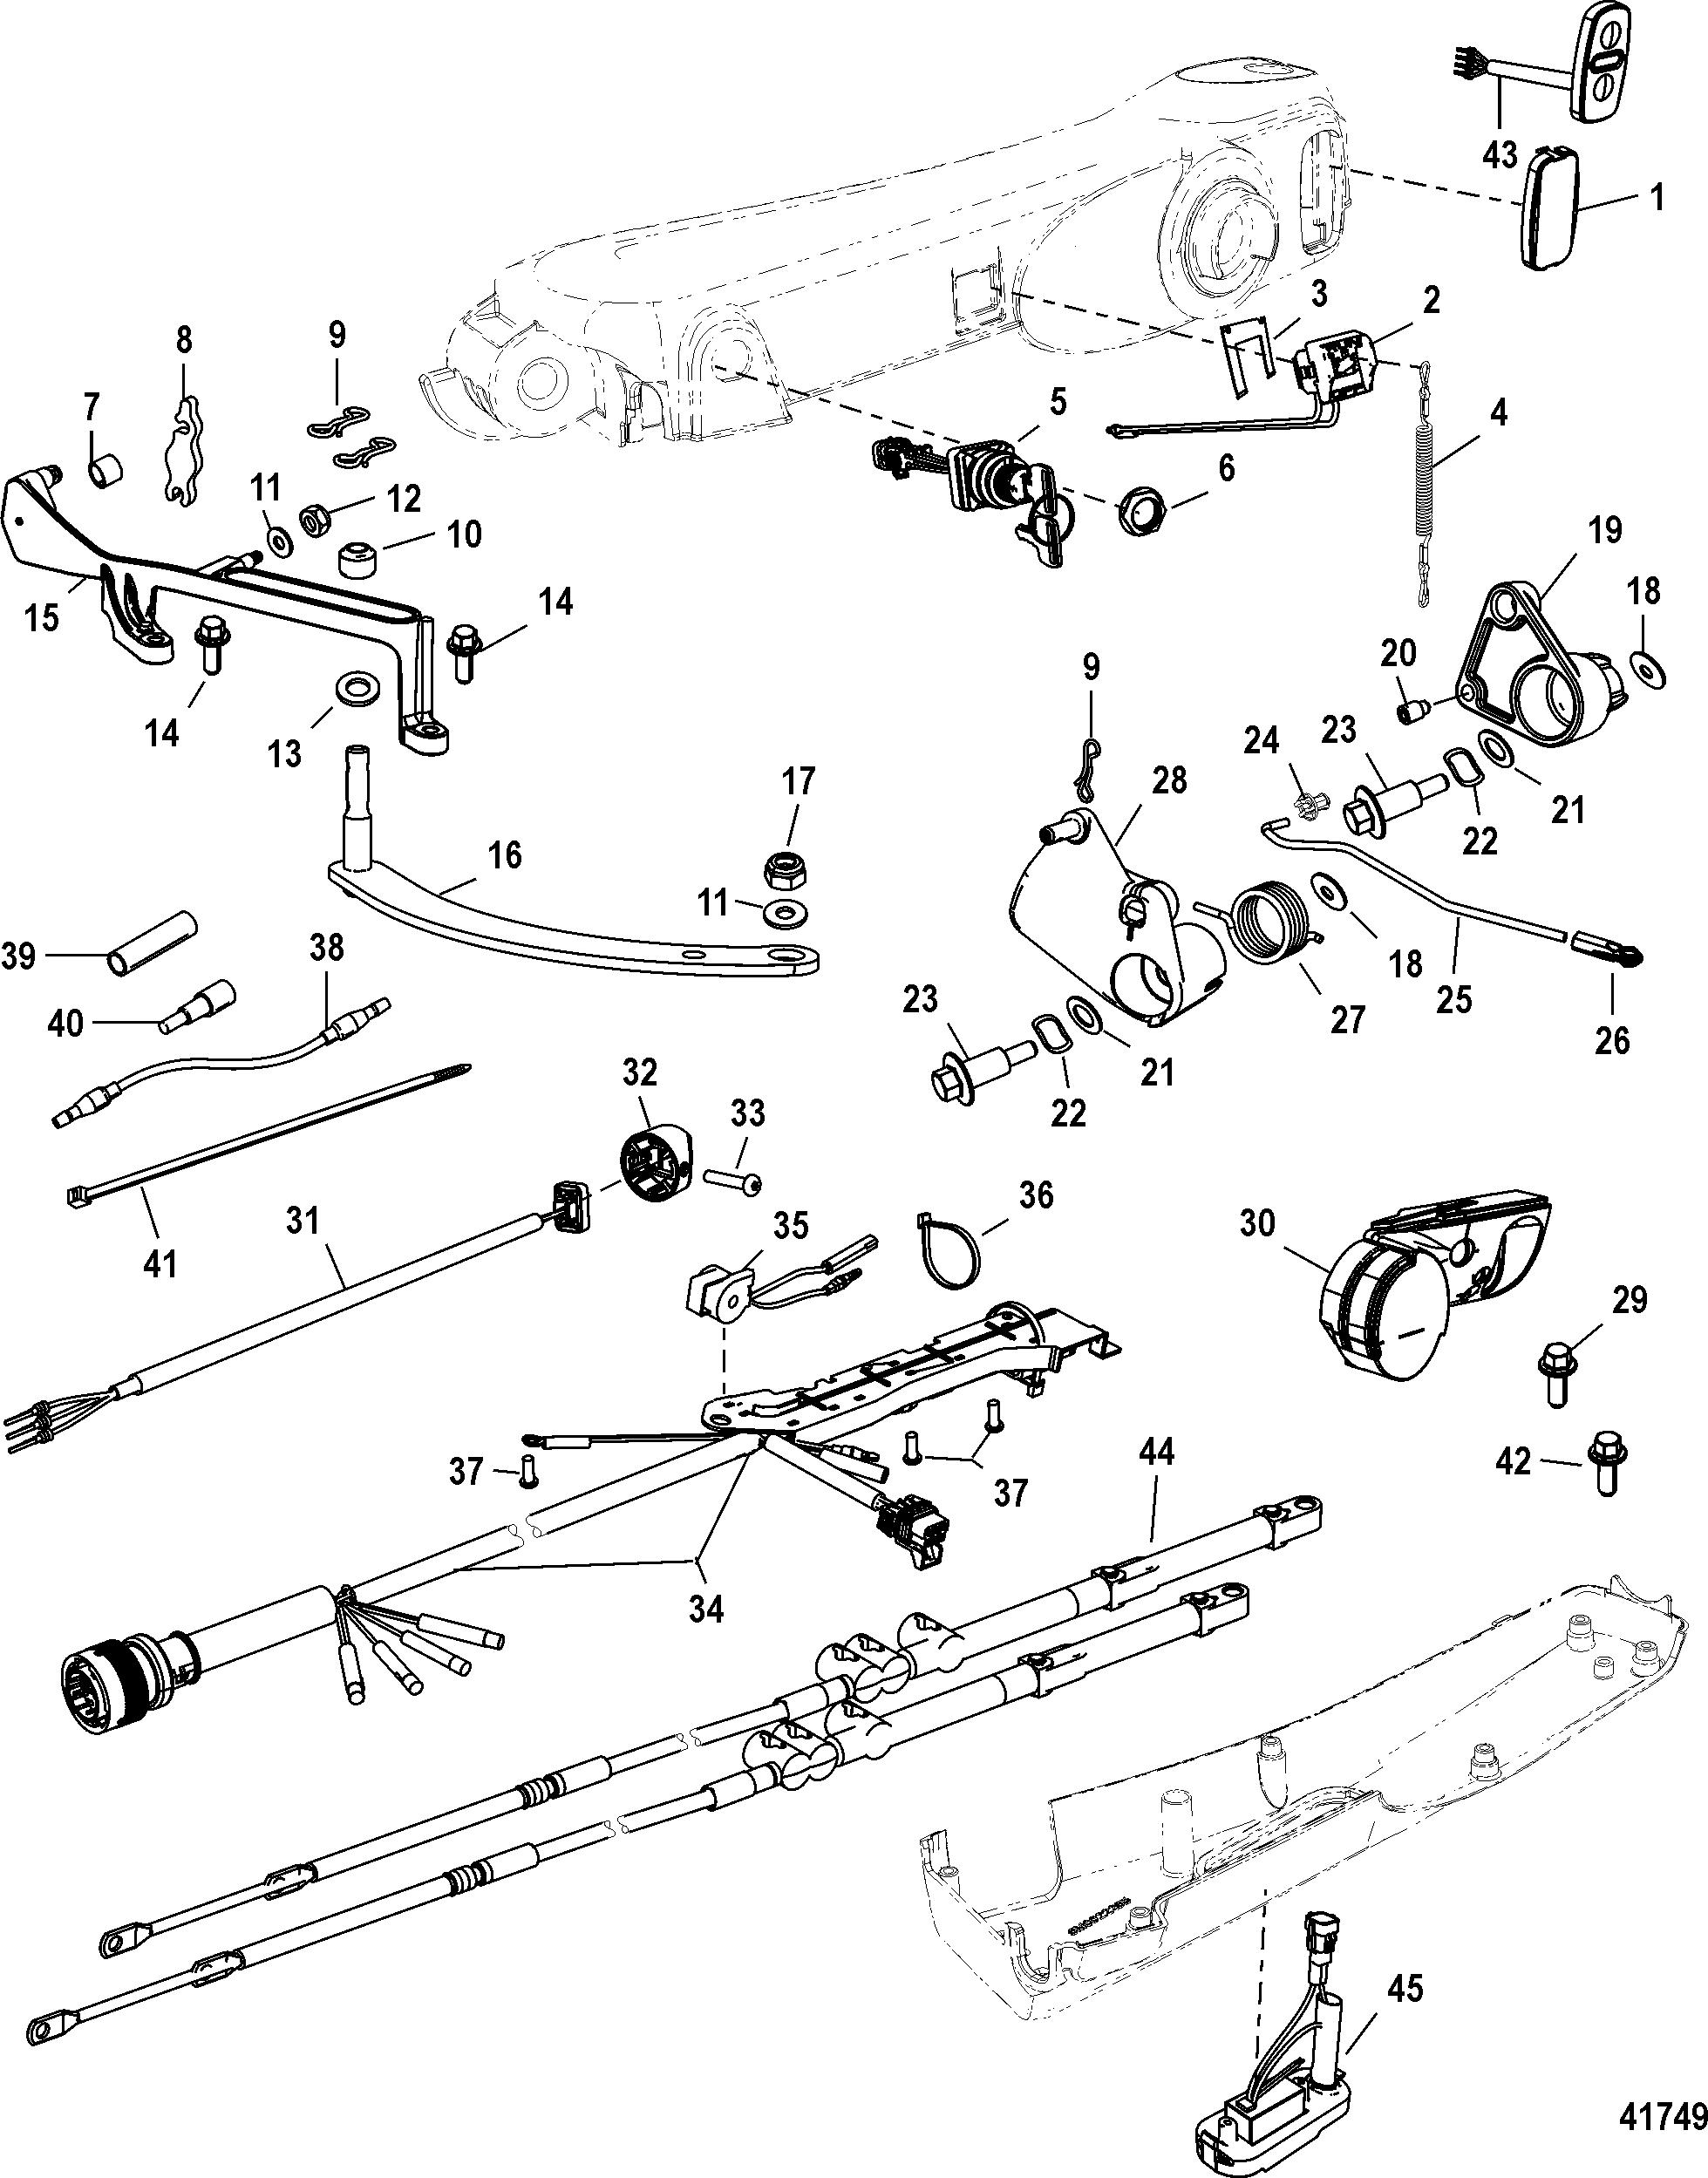 Big Tiller Handle Kit Components Manual 40 60 Elhpt For